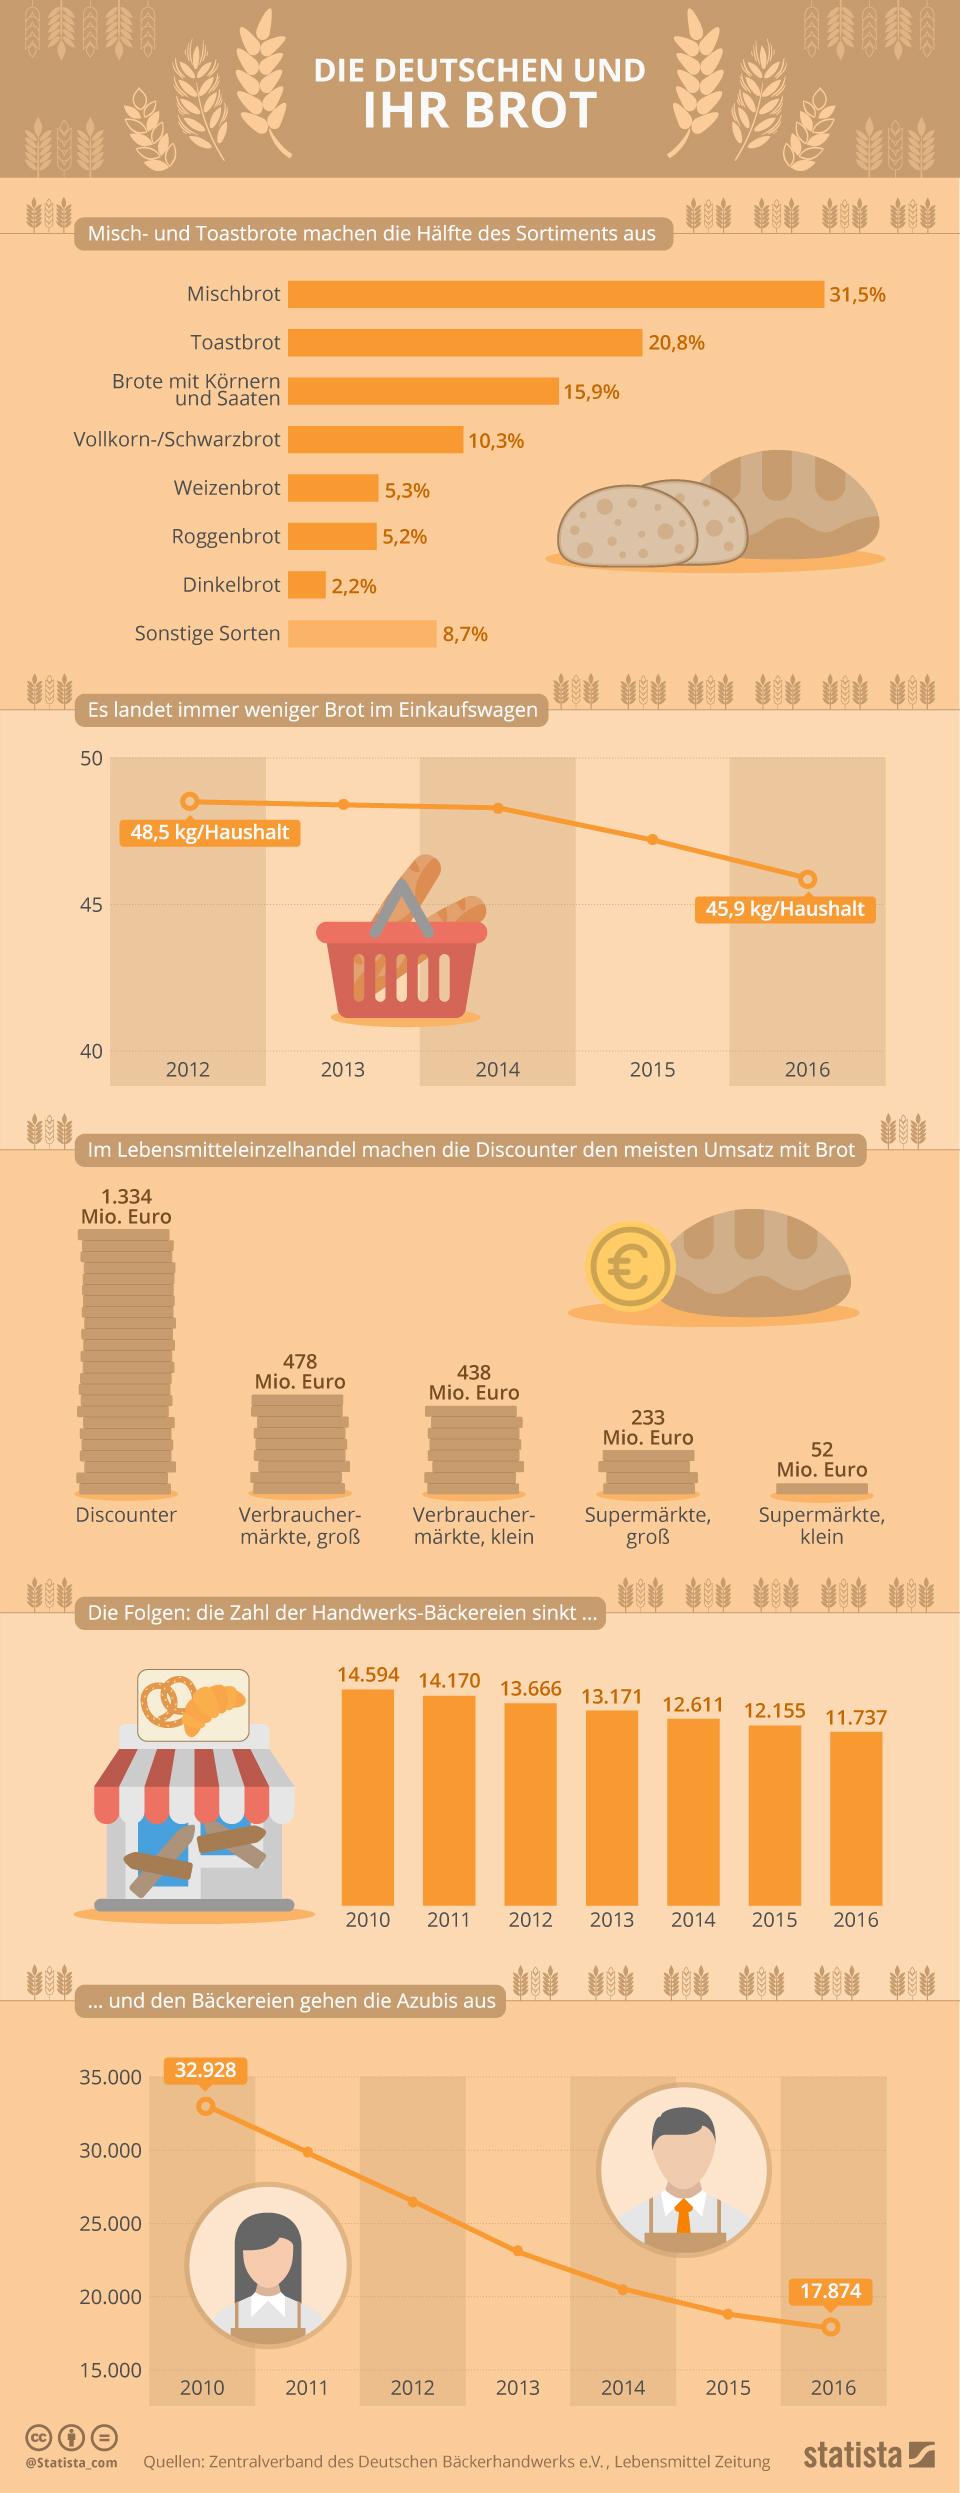 Infografik: Die Deutschen und ihr Brot | Statista